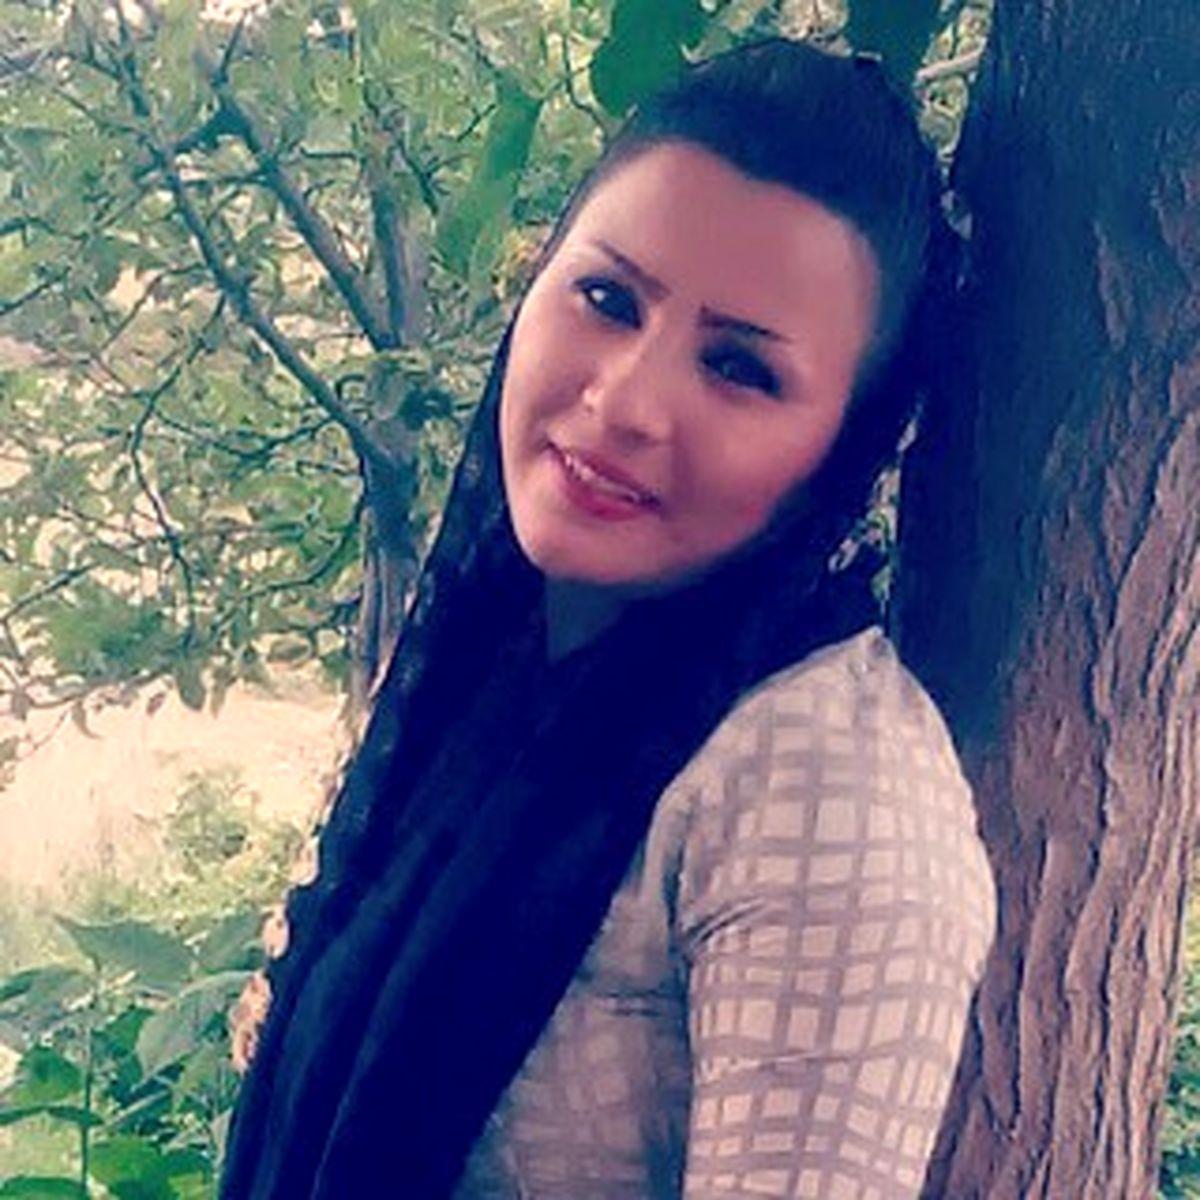 مرگ مشکوک عروس جوان در خانه مادر شوهر + فیلم عجیب